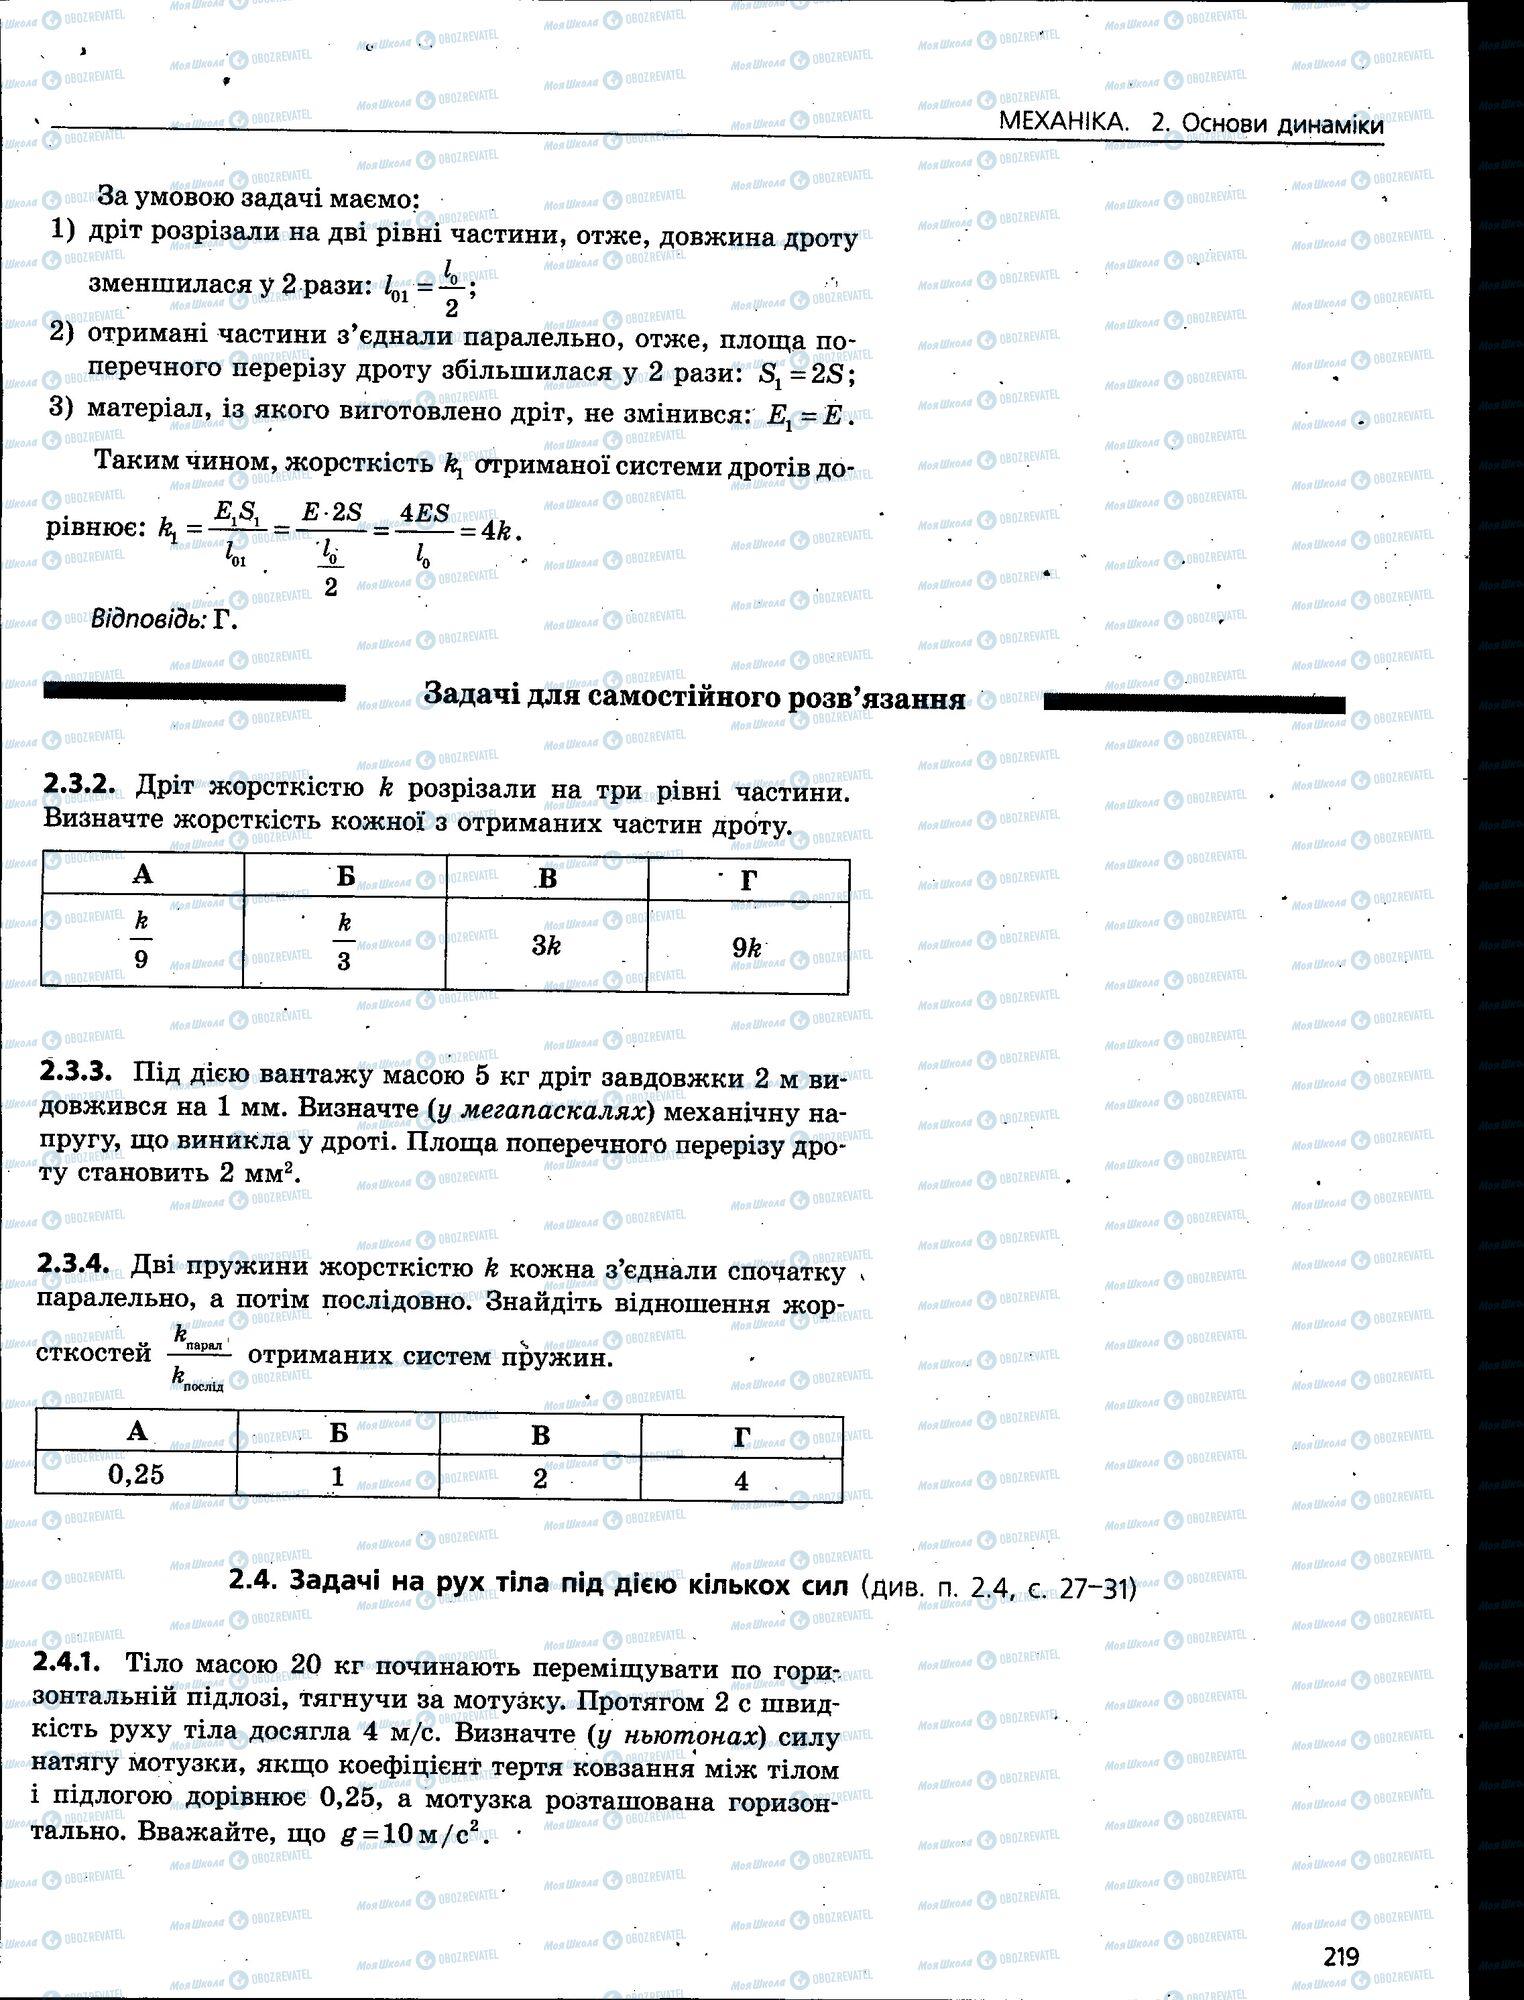 ЗНО Физика 11 класс страница 219